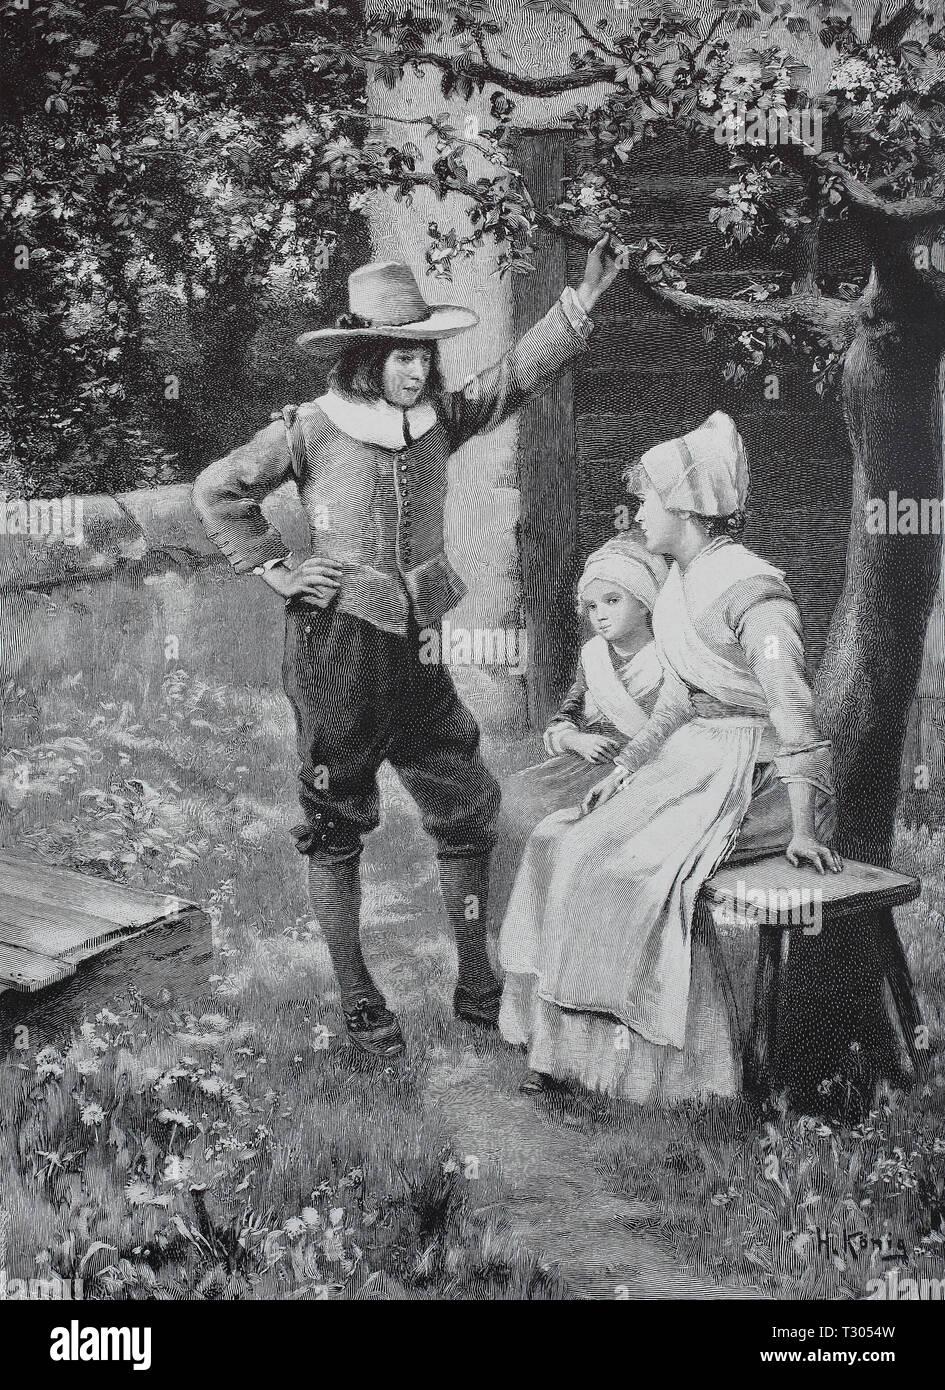 Digital improved reproduction, Under an apple tree youngsters meet in the garden, Unter einem Apfelbaum treffen sich Jugendliche im Garten, from an original print from the 19th century Stock Photo